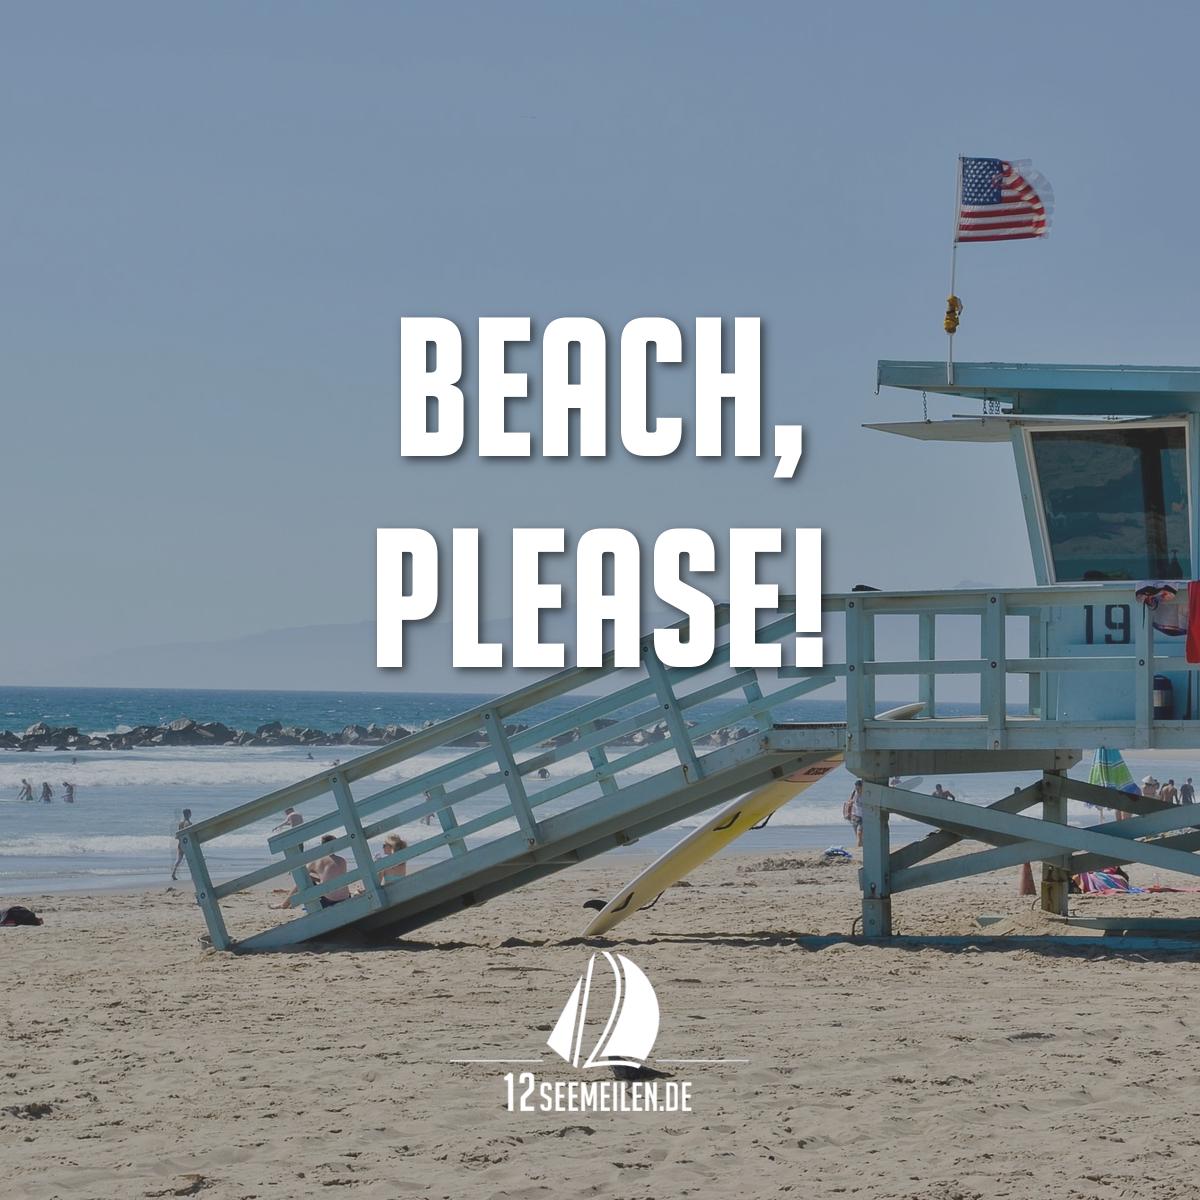 Beach please zitat spruch urlaub meer strand sailing quotes pinterest sailing - Spruch urlaub ...